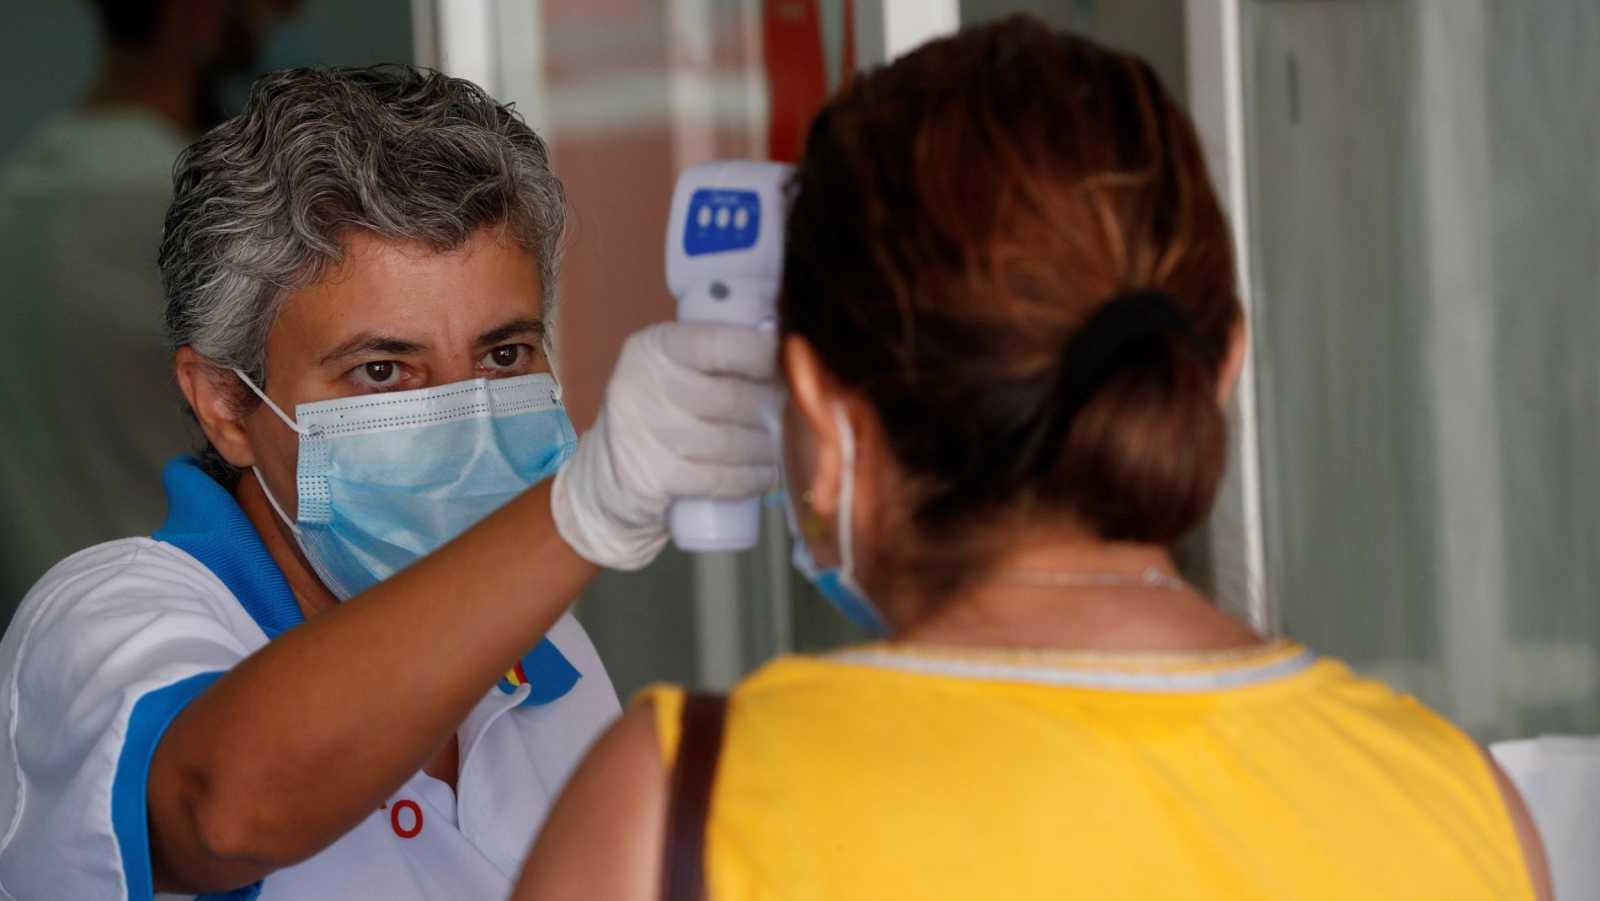 La justicia anula las nuevas medidas contra el coronavirus en Madrid y siembra incertidumbre entre los sectores afectados